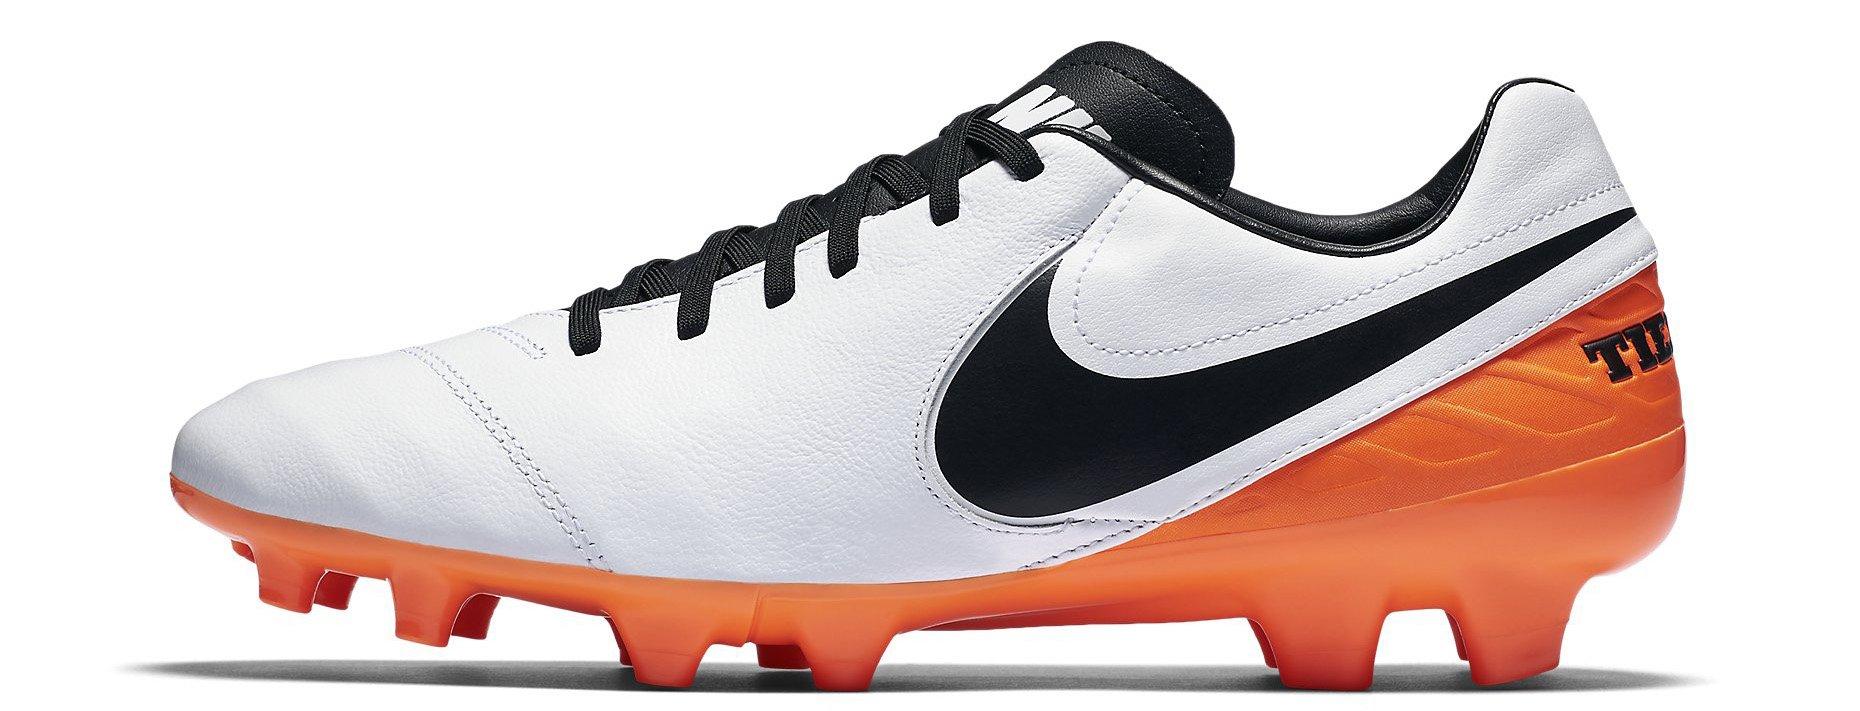 Kopačky Nike Tiempo Mystic V FG